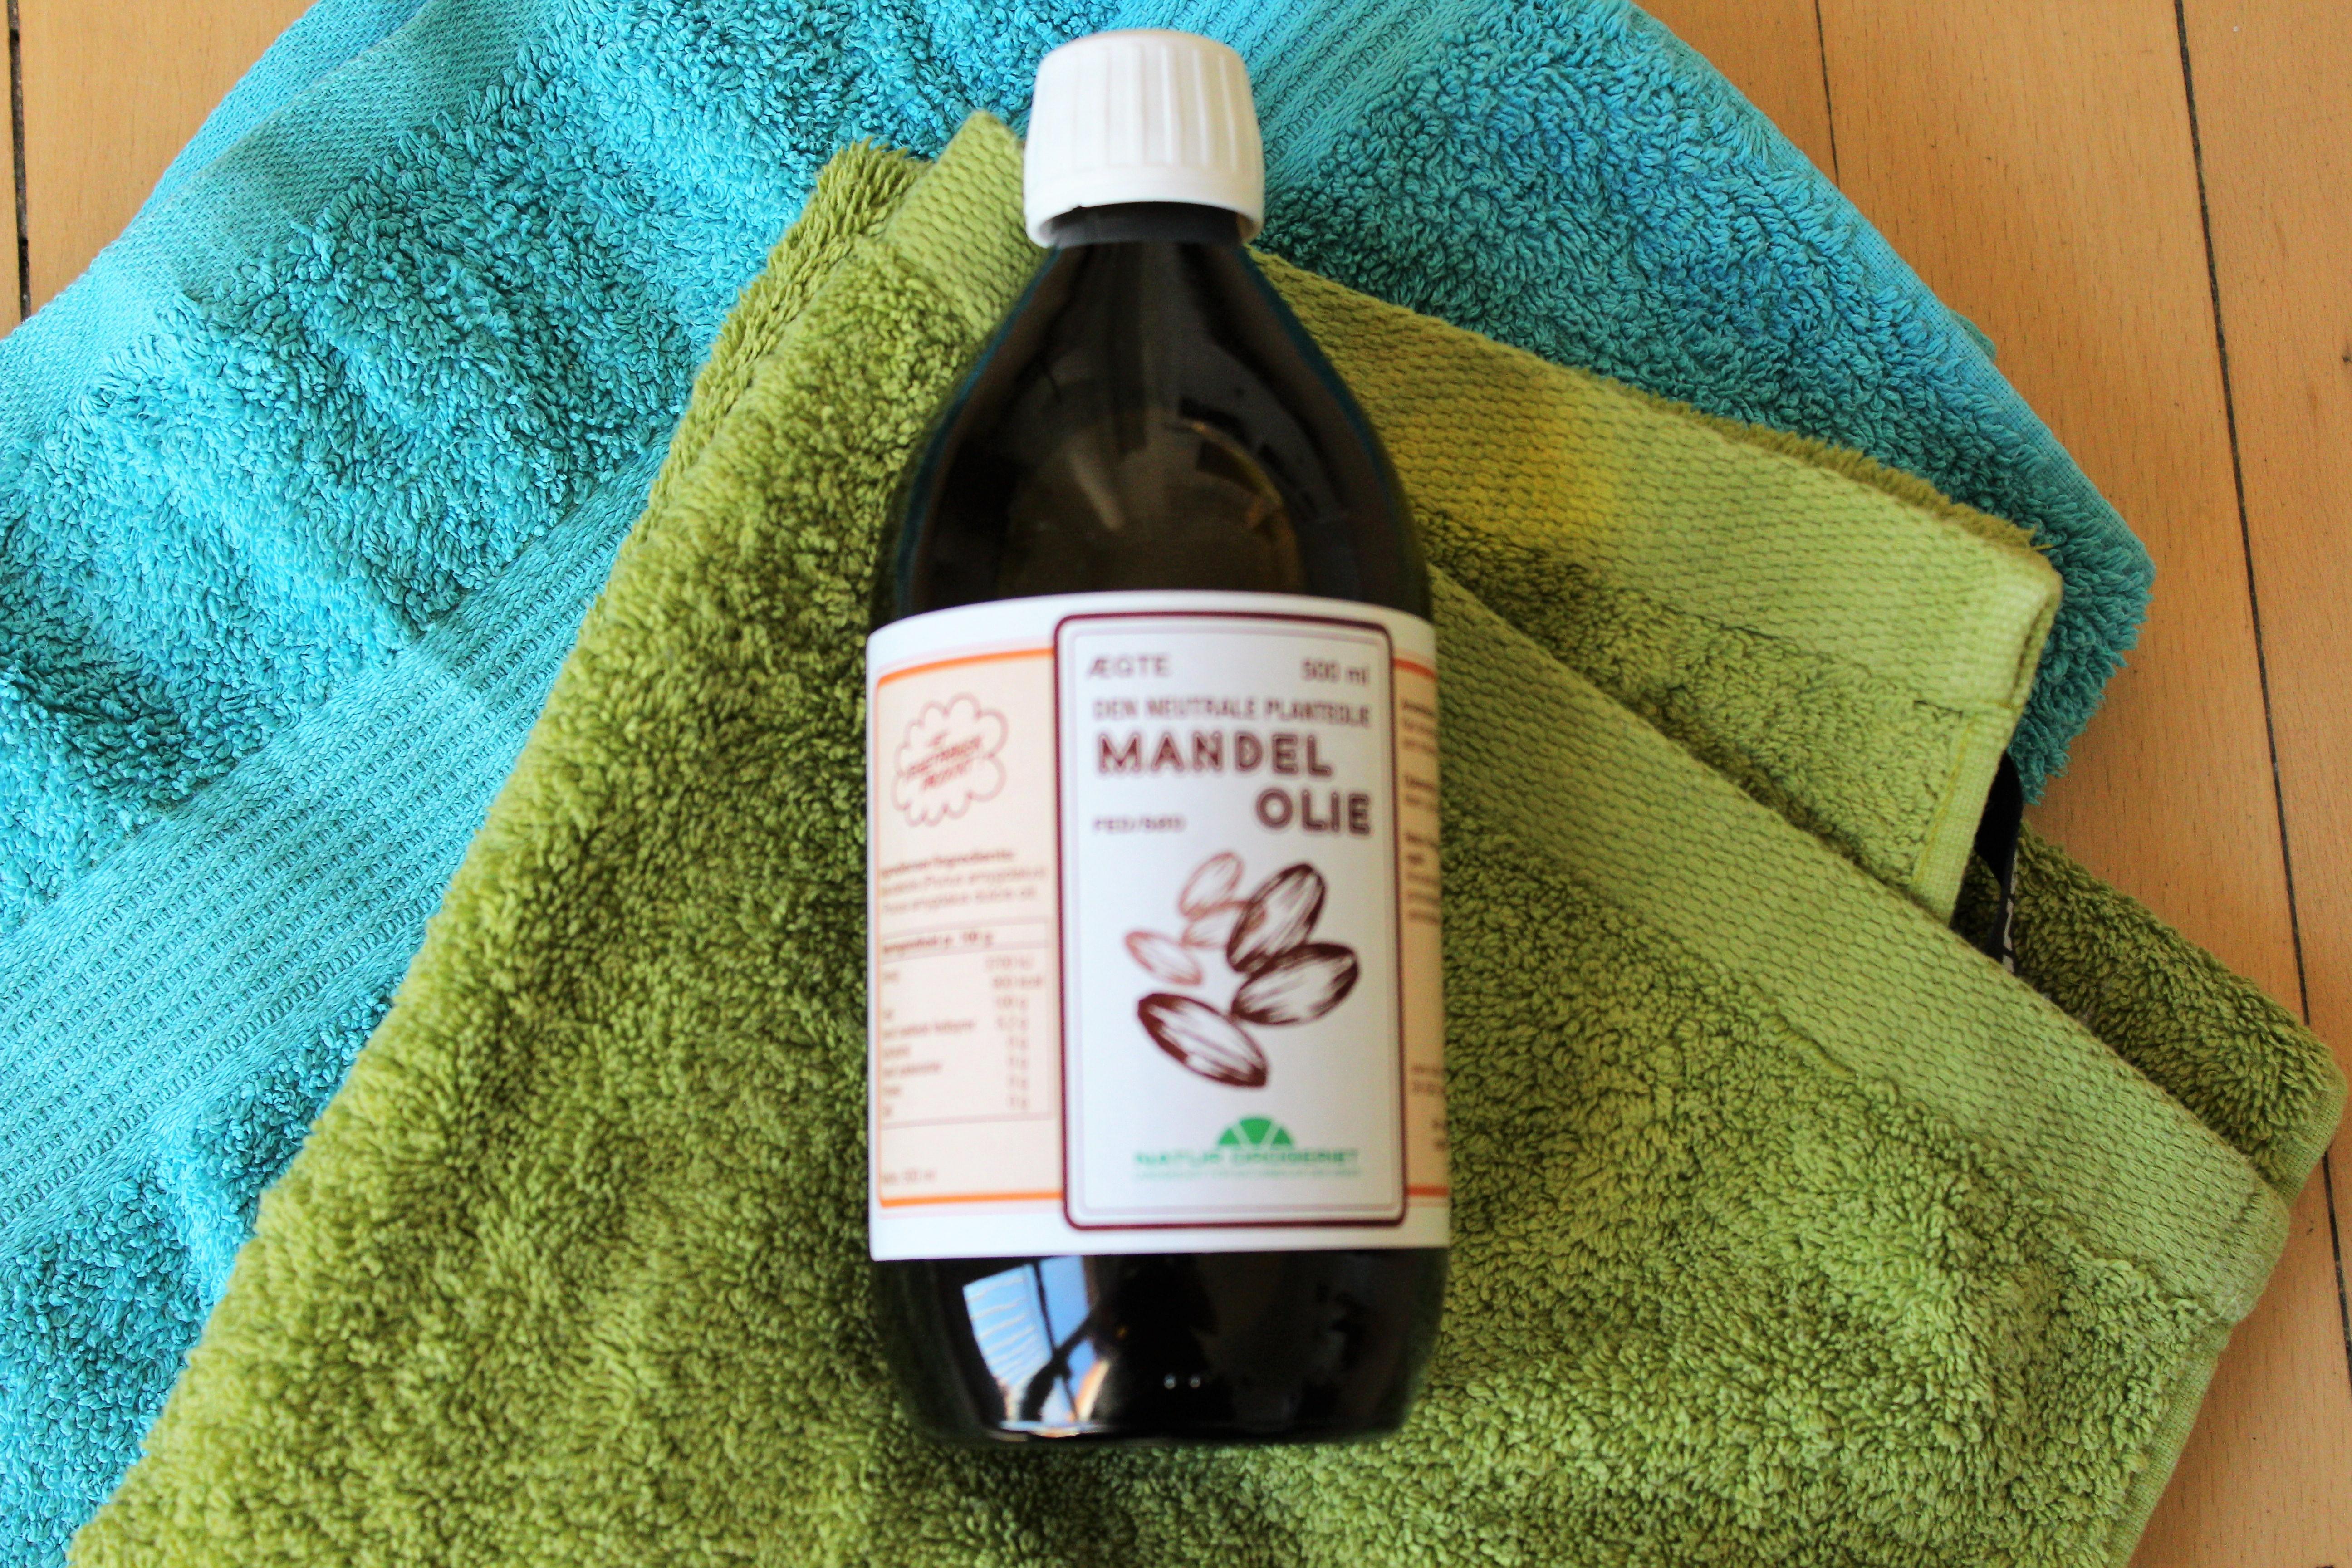 Mandelolie - godt for huden